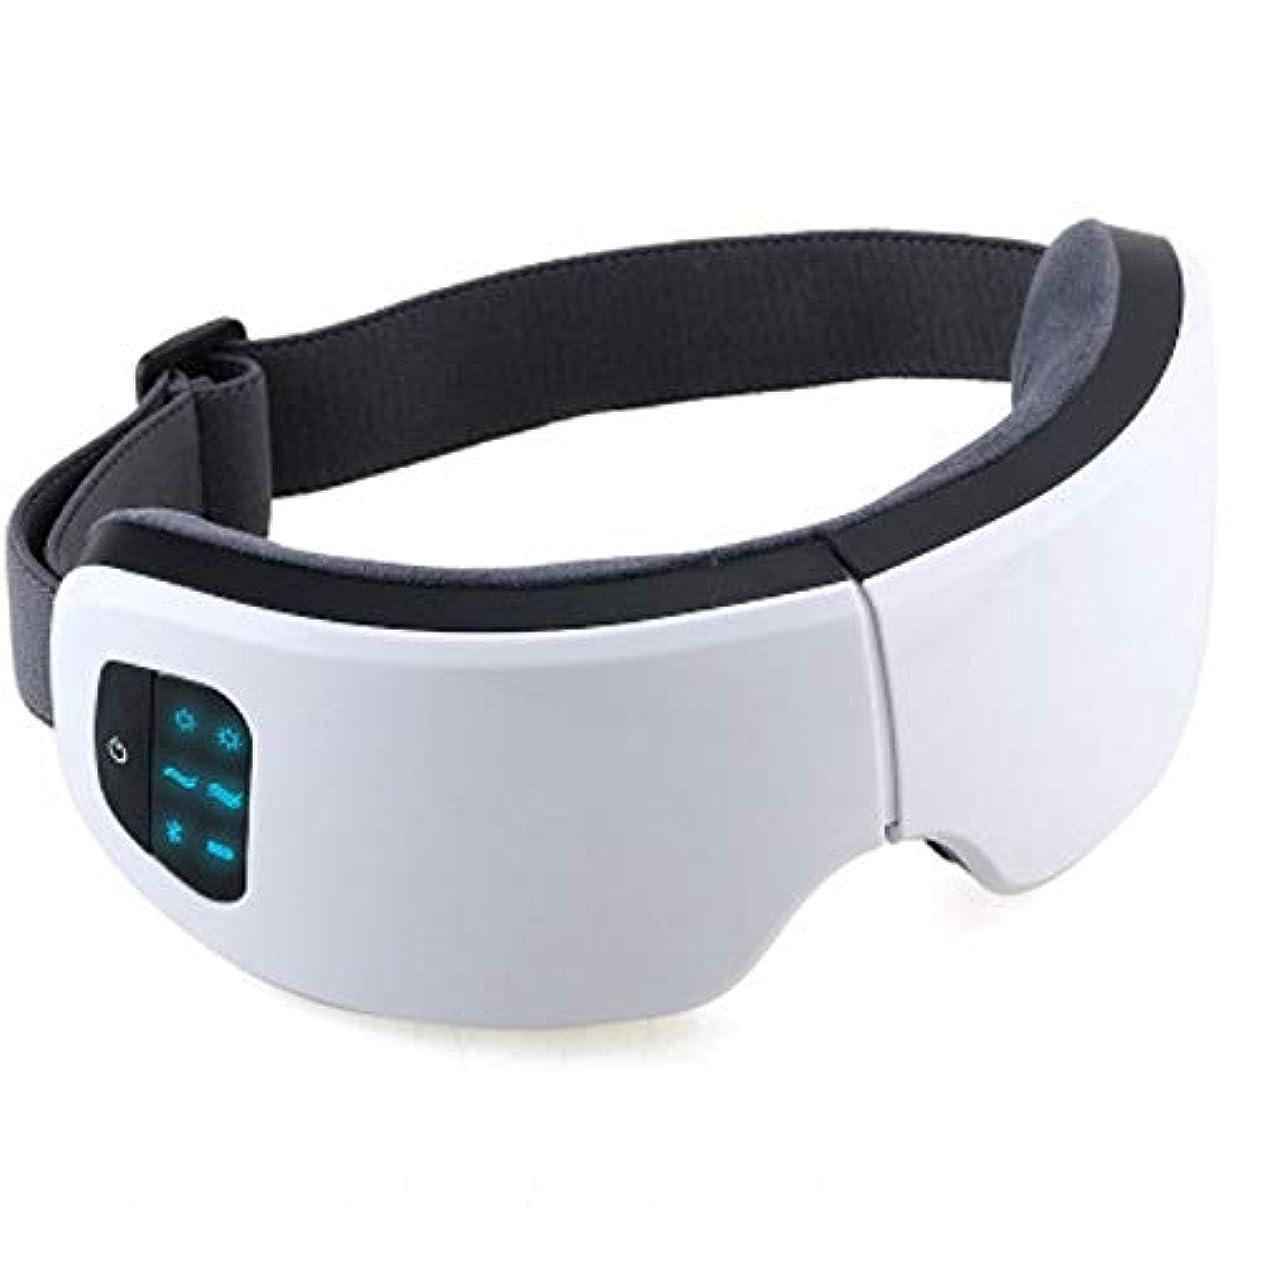 グラディス美人夫婦Meet now 高度の目のマッサージャー、暖房モードの無線再充電可能な折る目のマッサージャー 品質保証